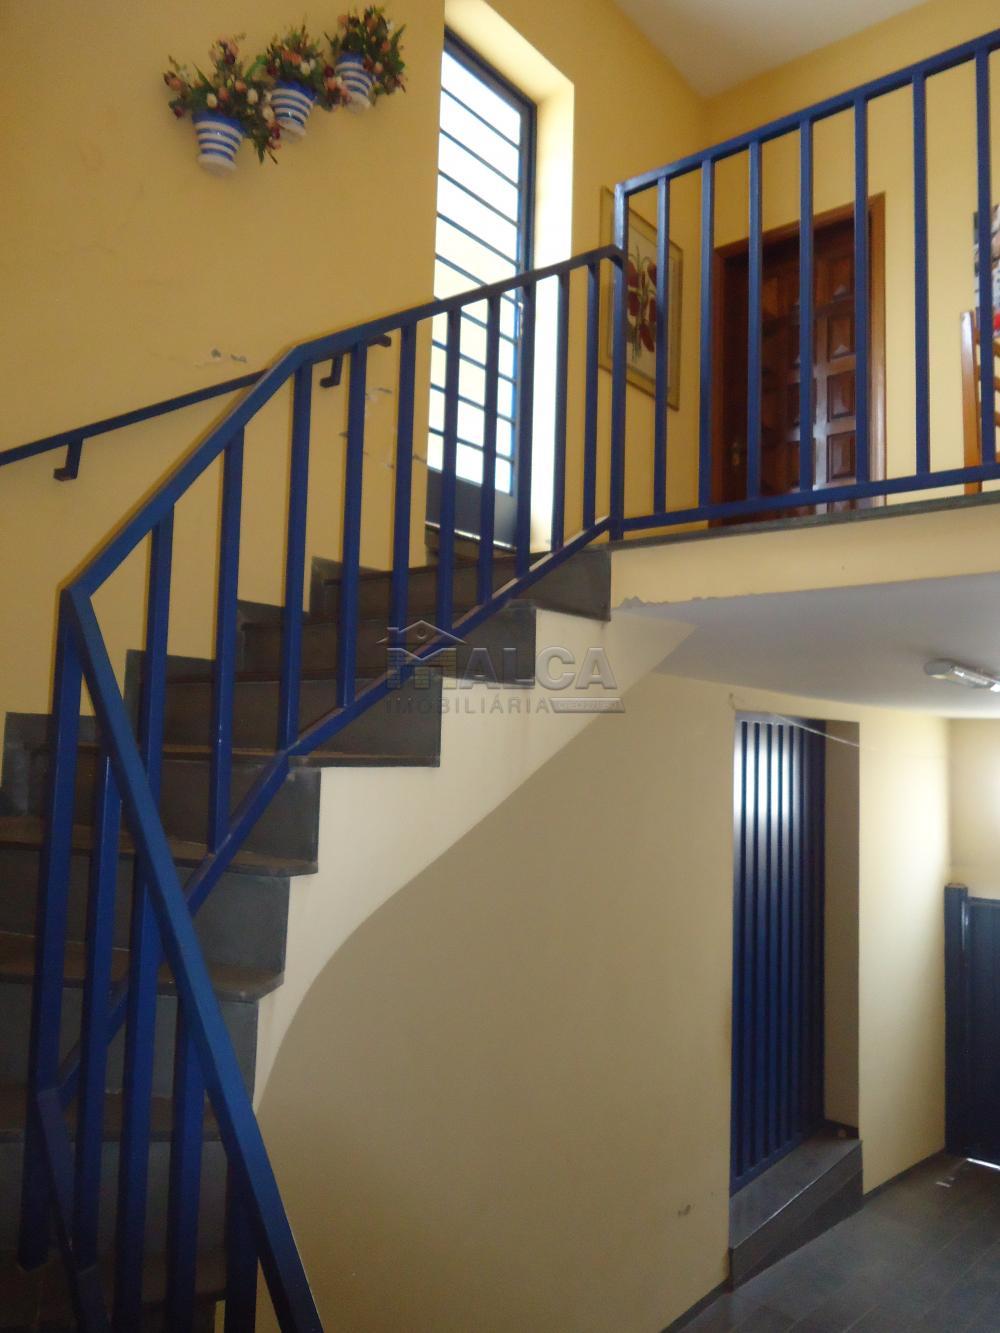 Alugar Casas / Sobrado em São José do Rio Pardo apenas R$ 2.000,00 - Foto 4